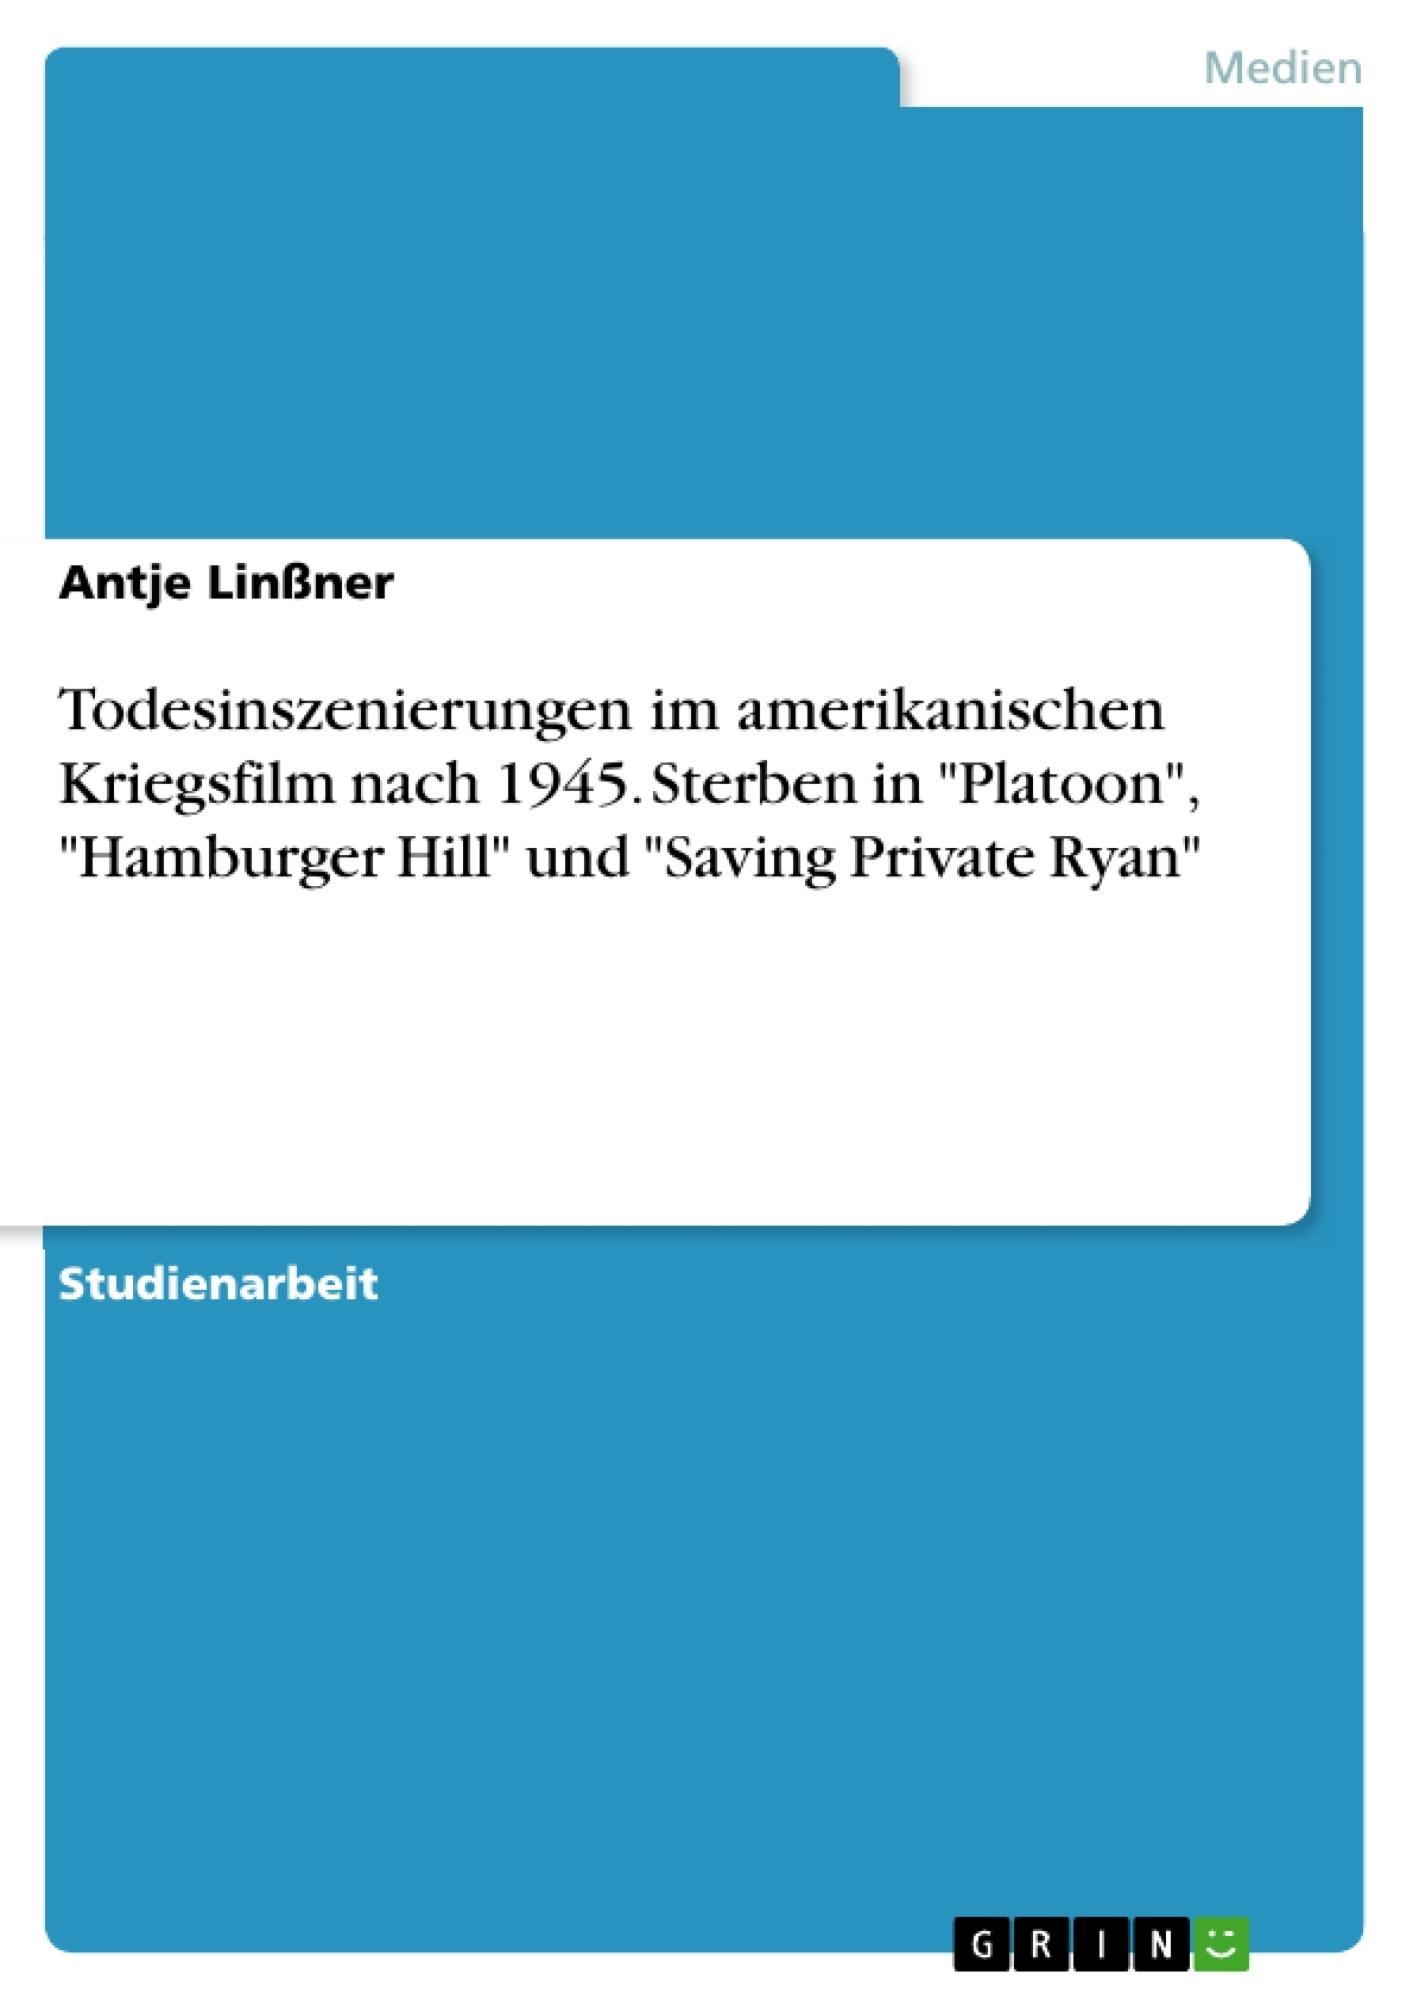 """Titel: Todesinszenierungen im amerikanischen Kriegsfilm nach 1945. Sterben in """"Platoon"""", """"Hamburger Hill"""" und """"Saving Private Ryan"""""""